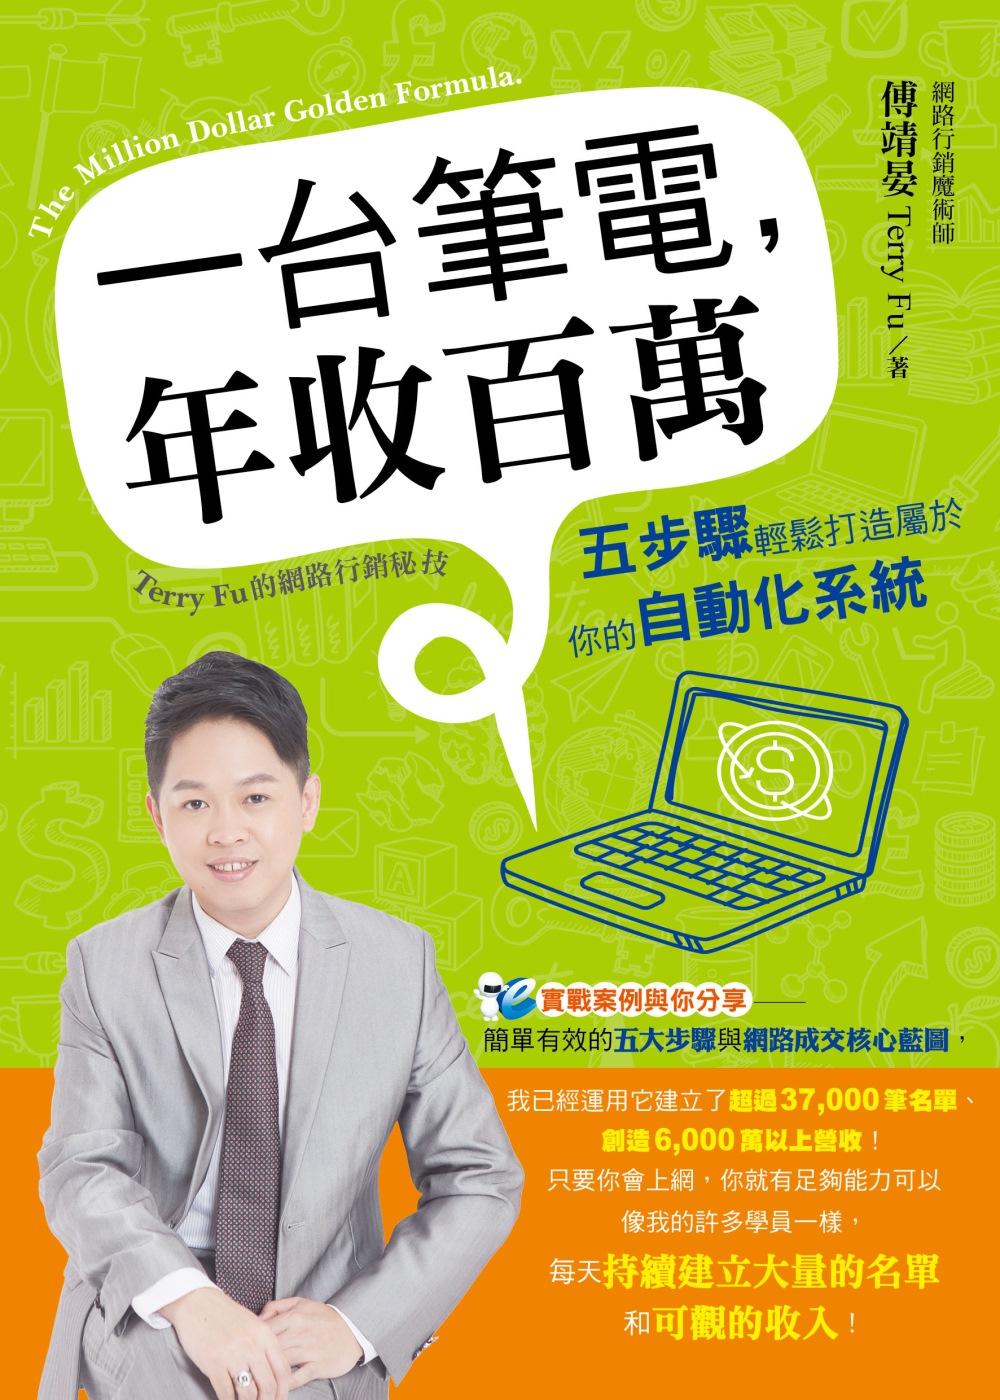 一台筆電,年收百萬